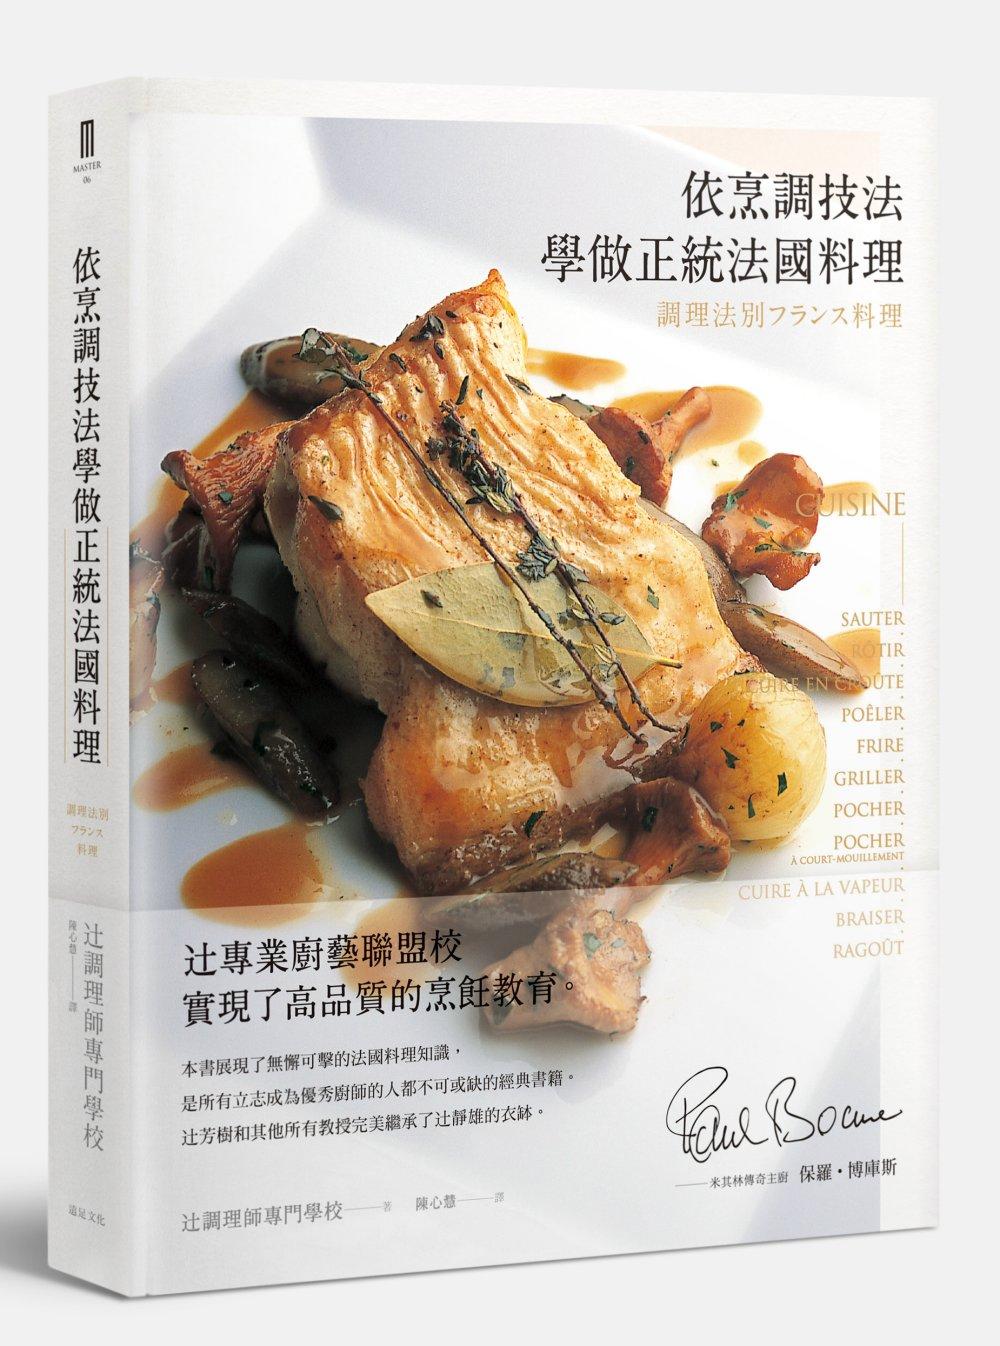 依烹調技法 學做正統法國料理